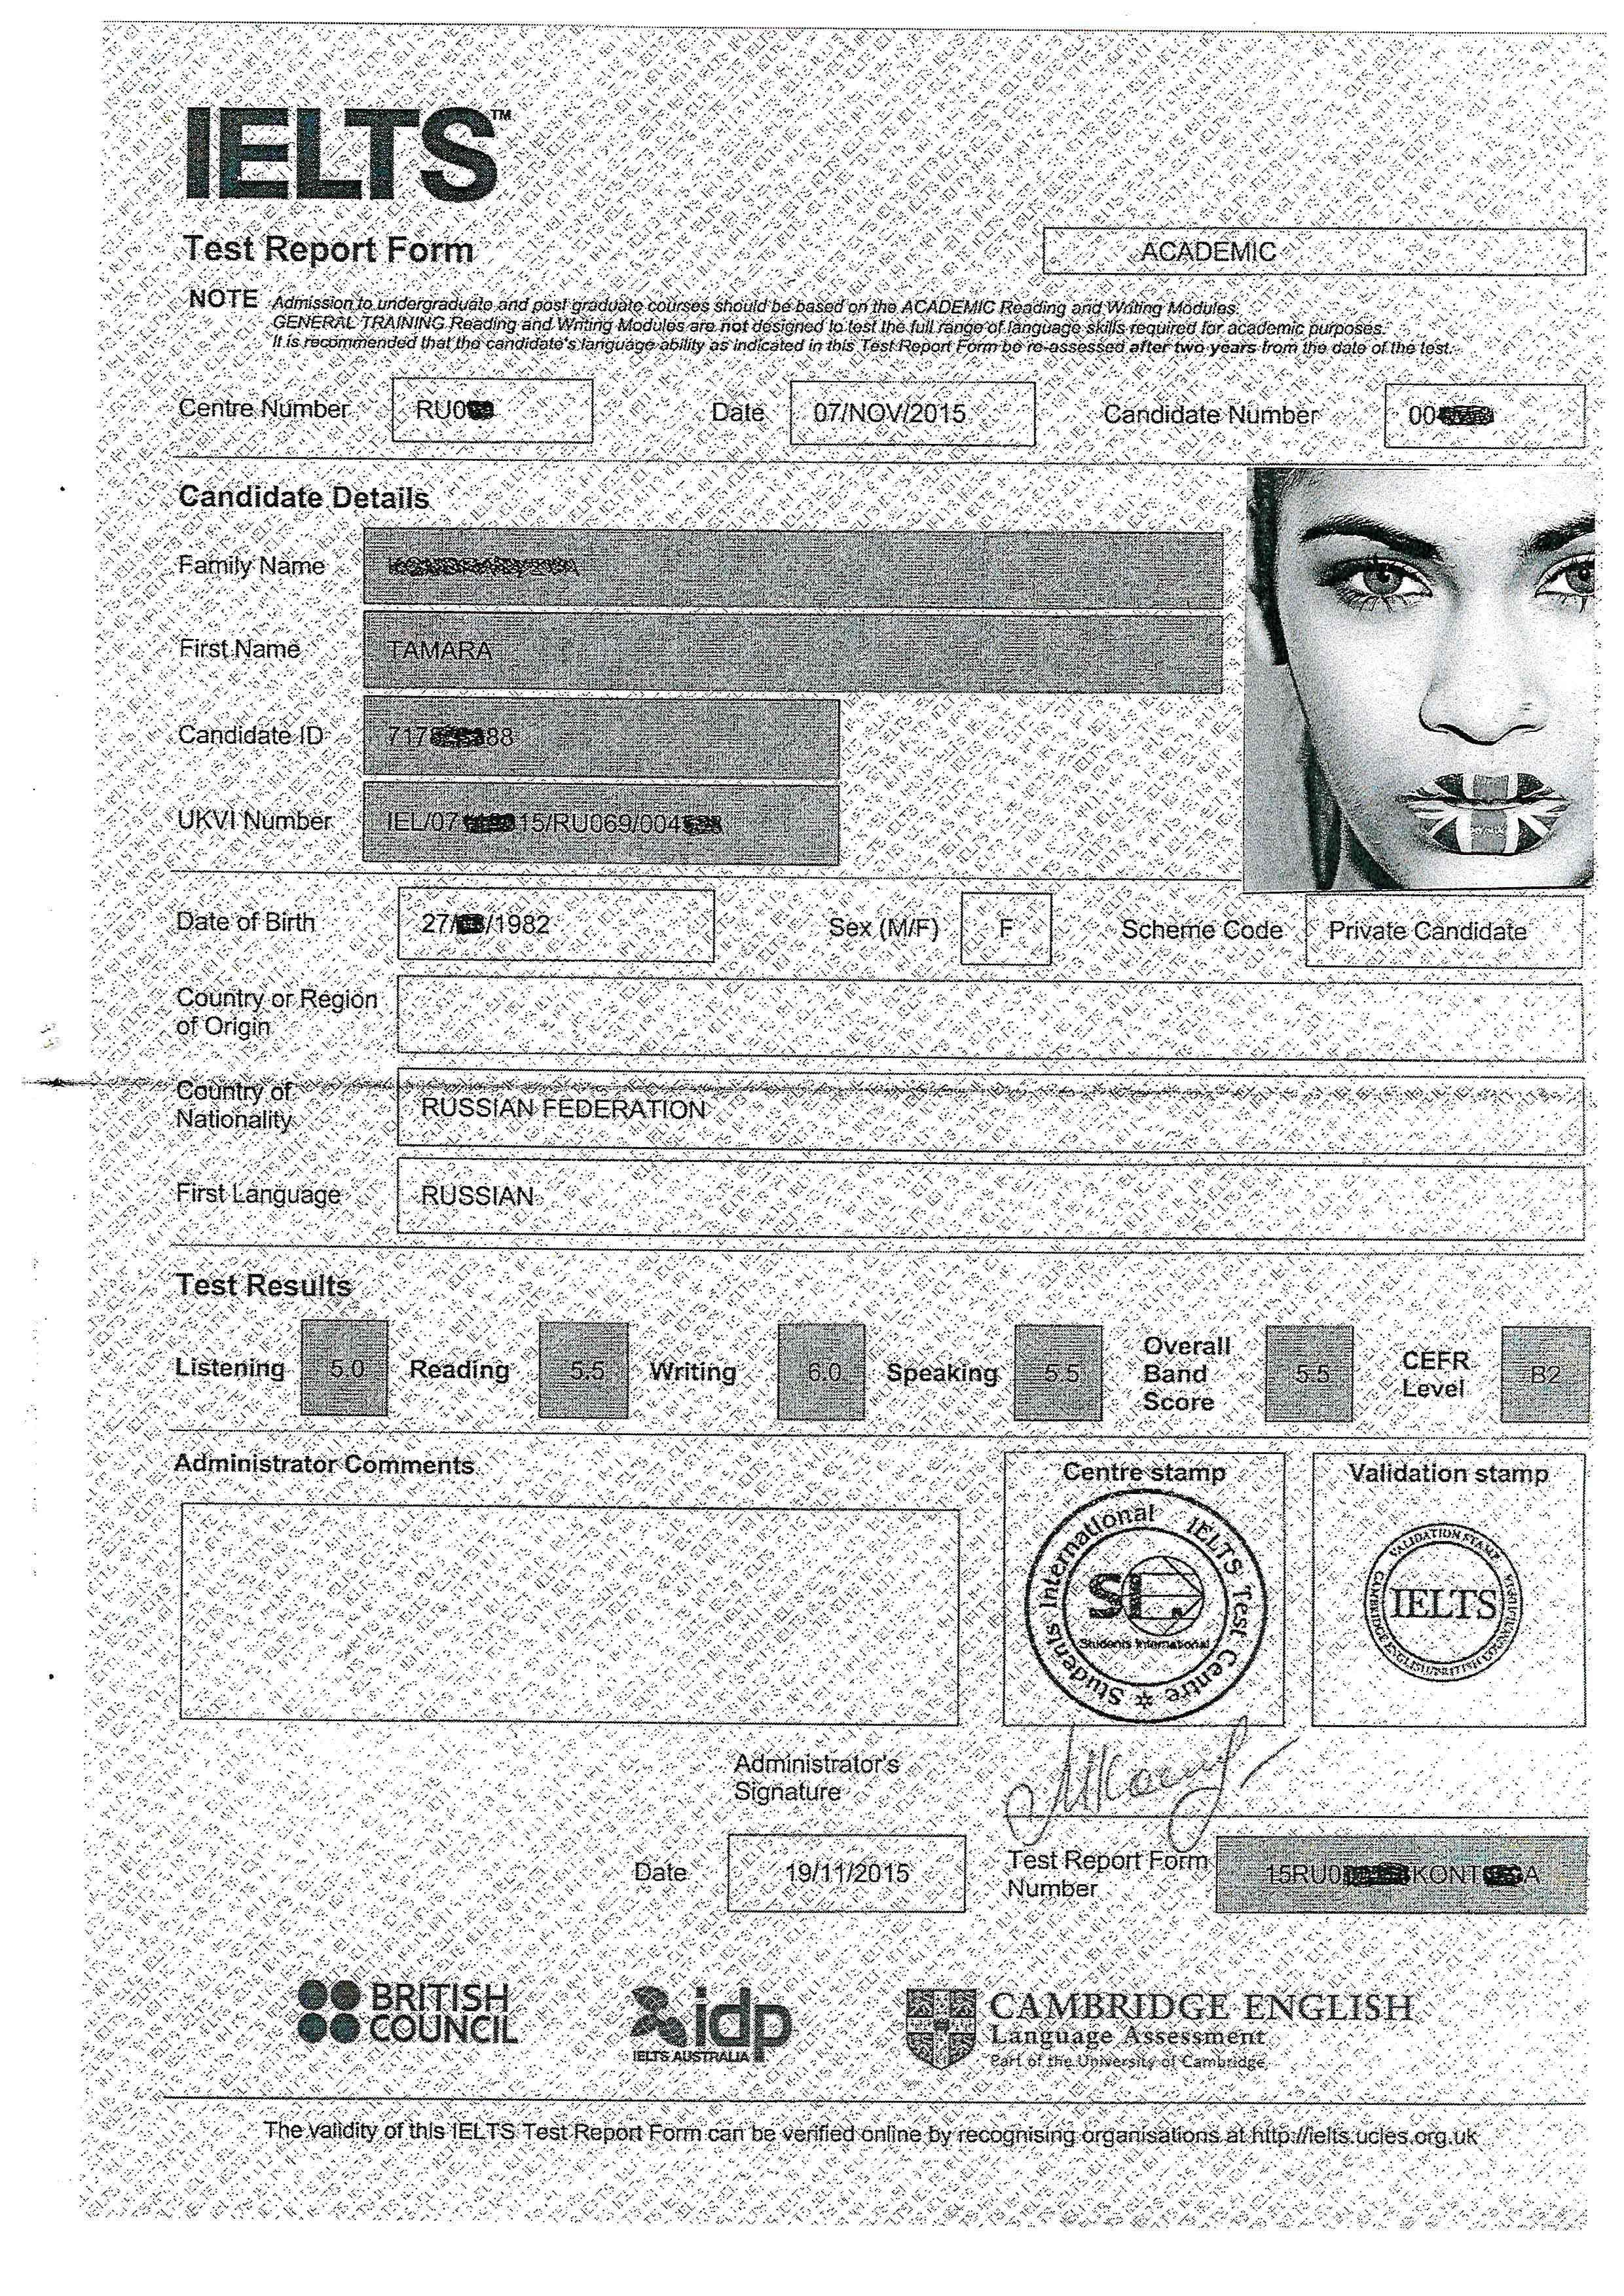 Образец теста IELTS для визы в Великобританию